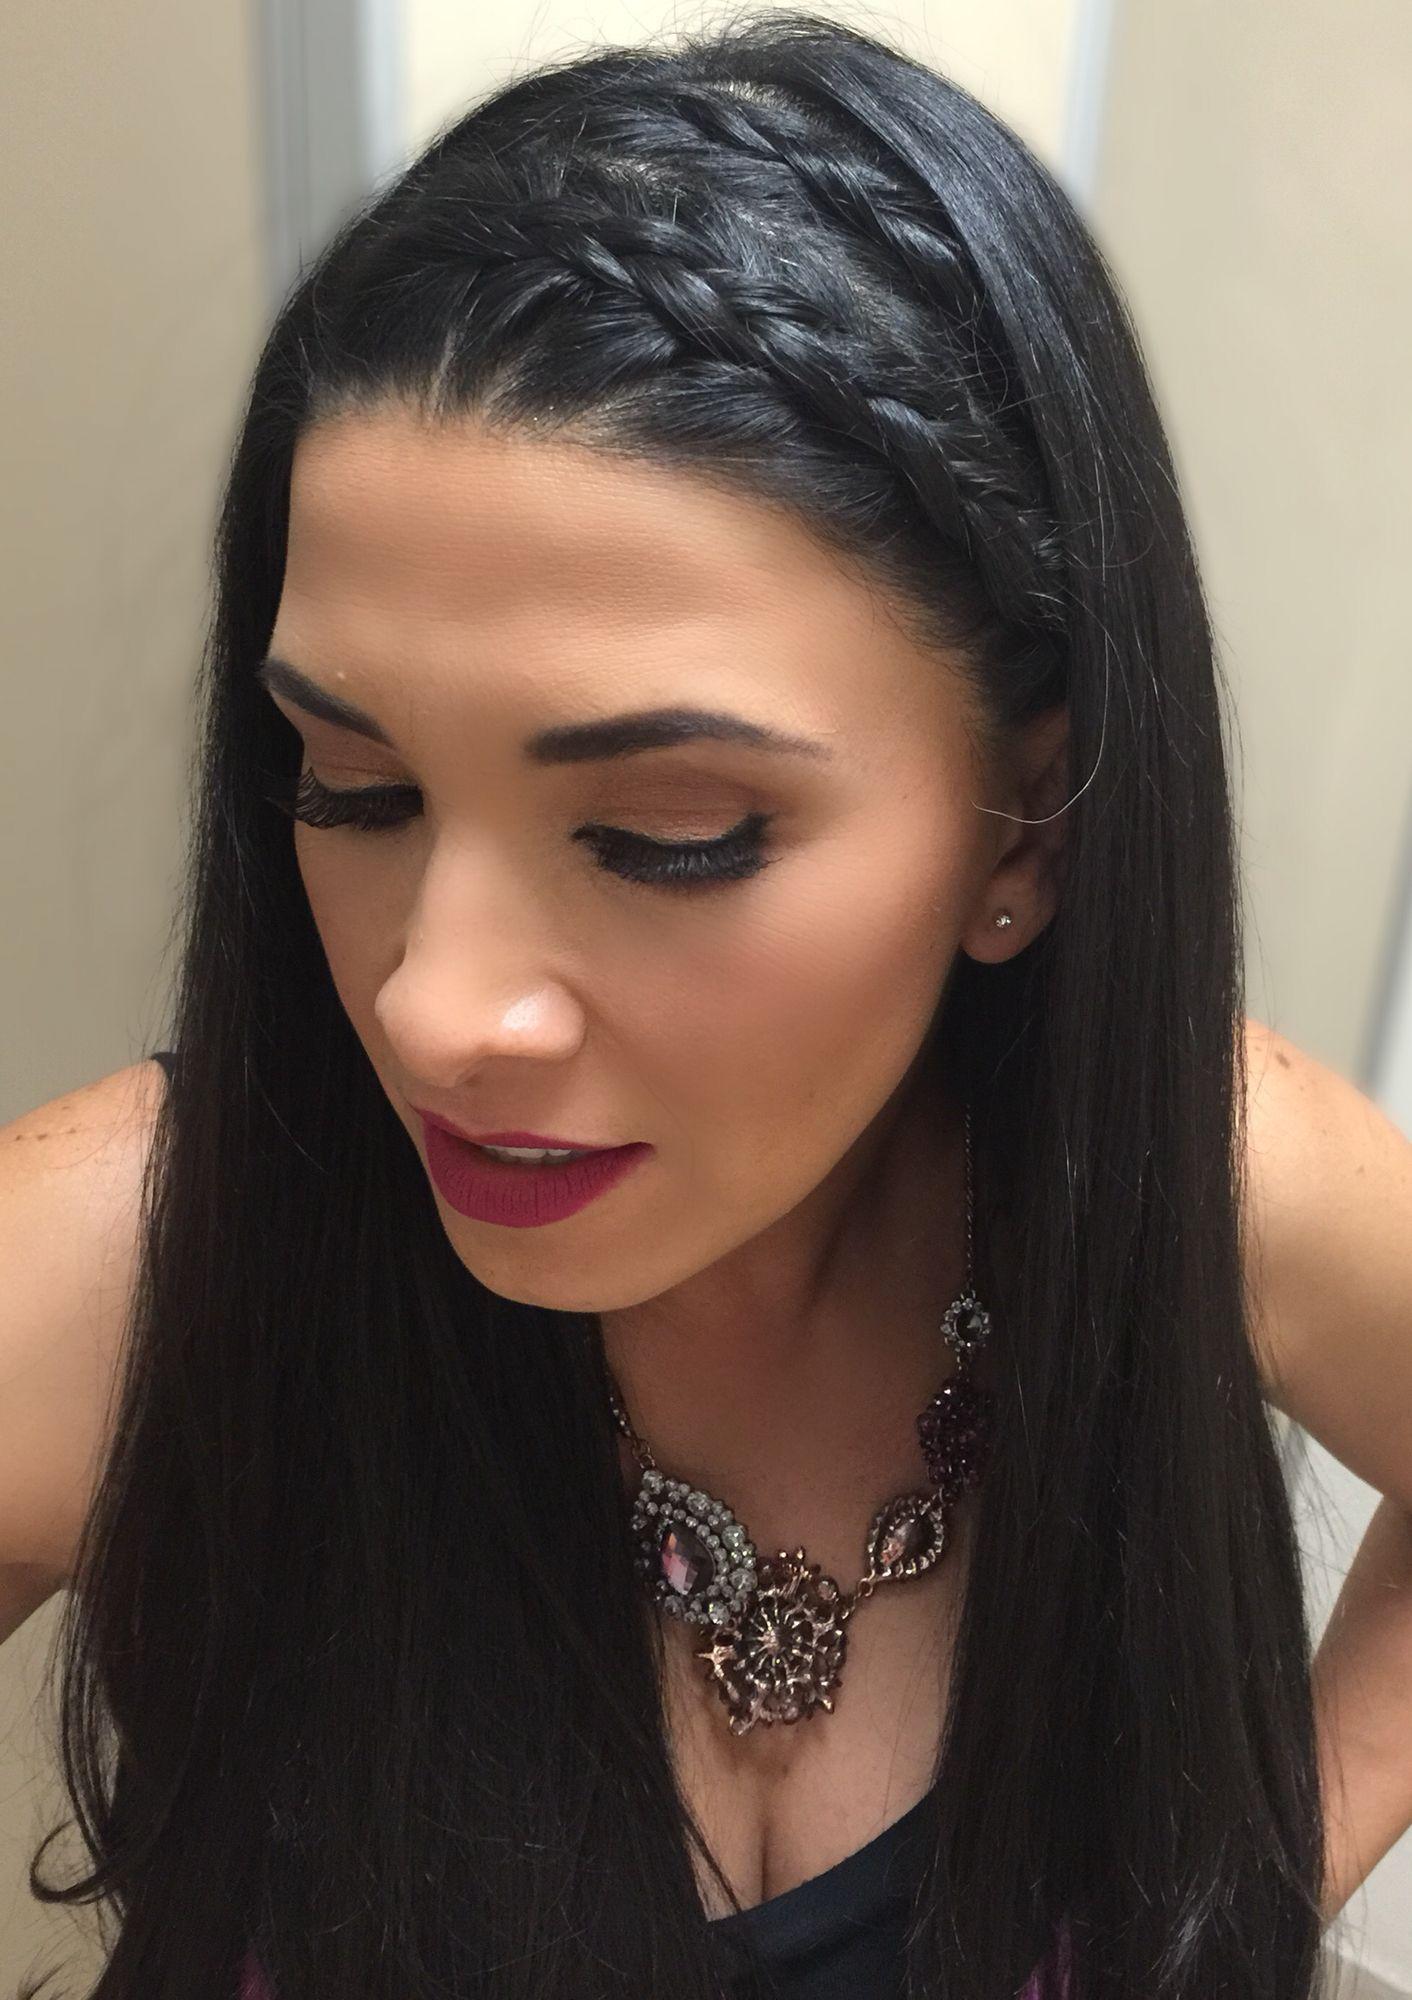 Rápido y fácil peinados de trenzas con pelo suelto Galería de cortes de pelo Consejos - Trenzas hechas por @tania8824   Peinados con trenzas ...